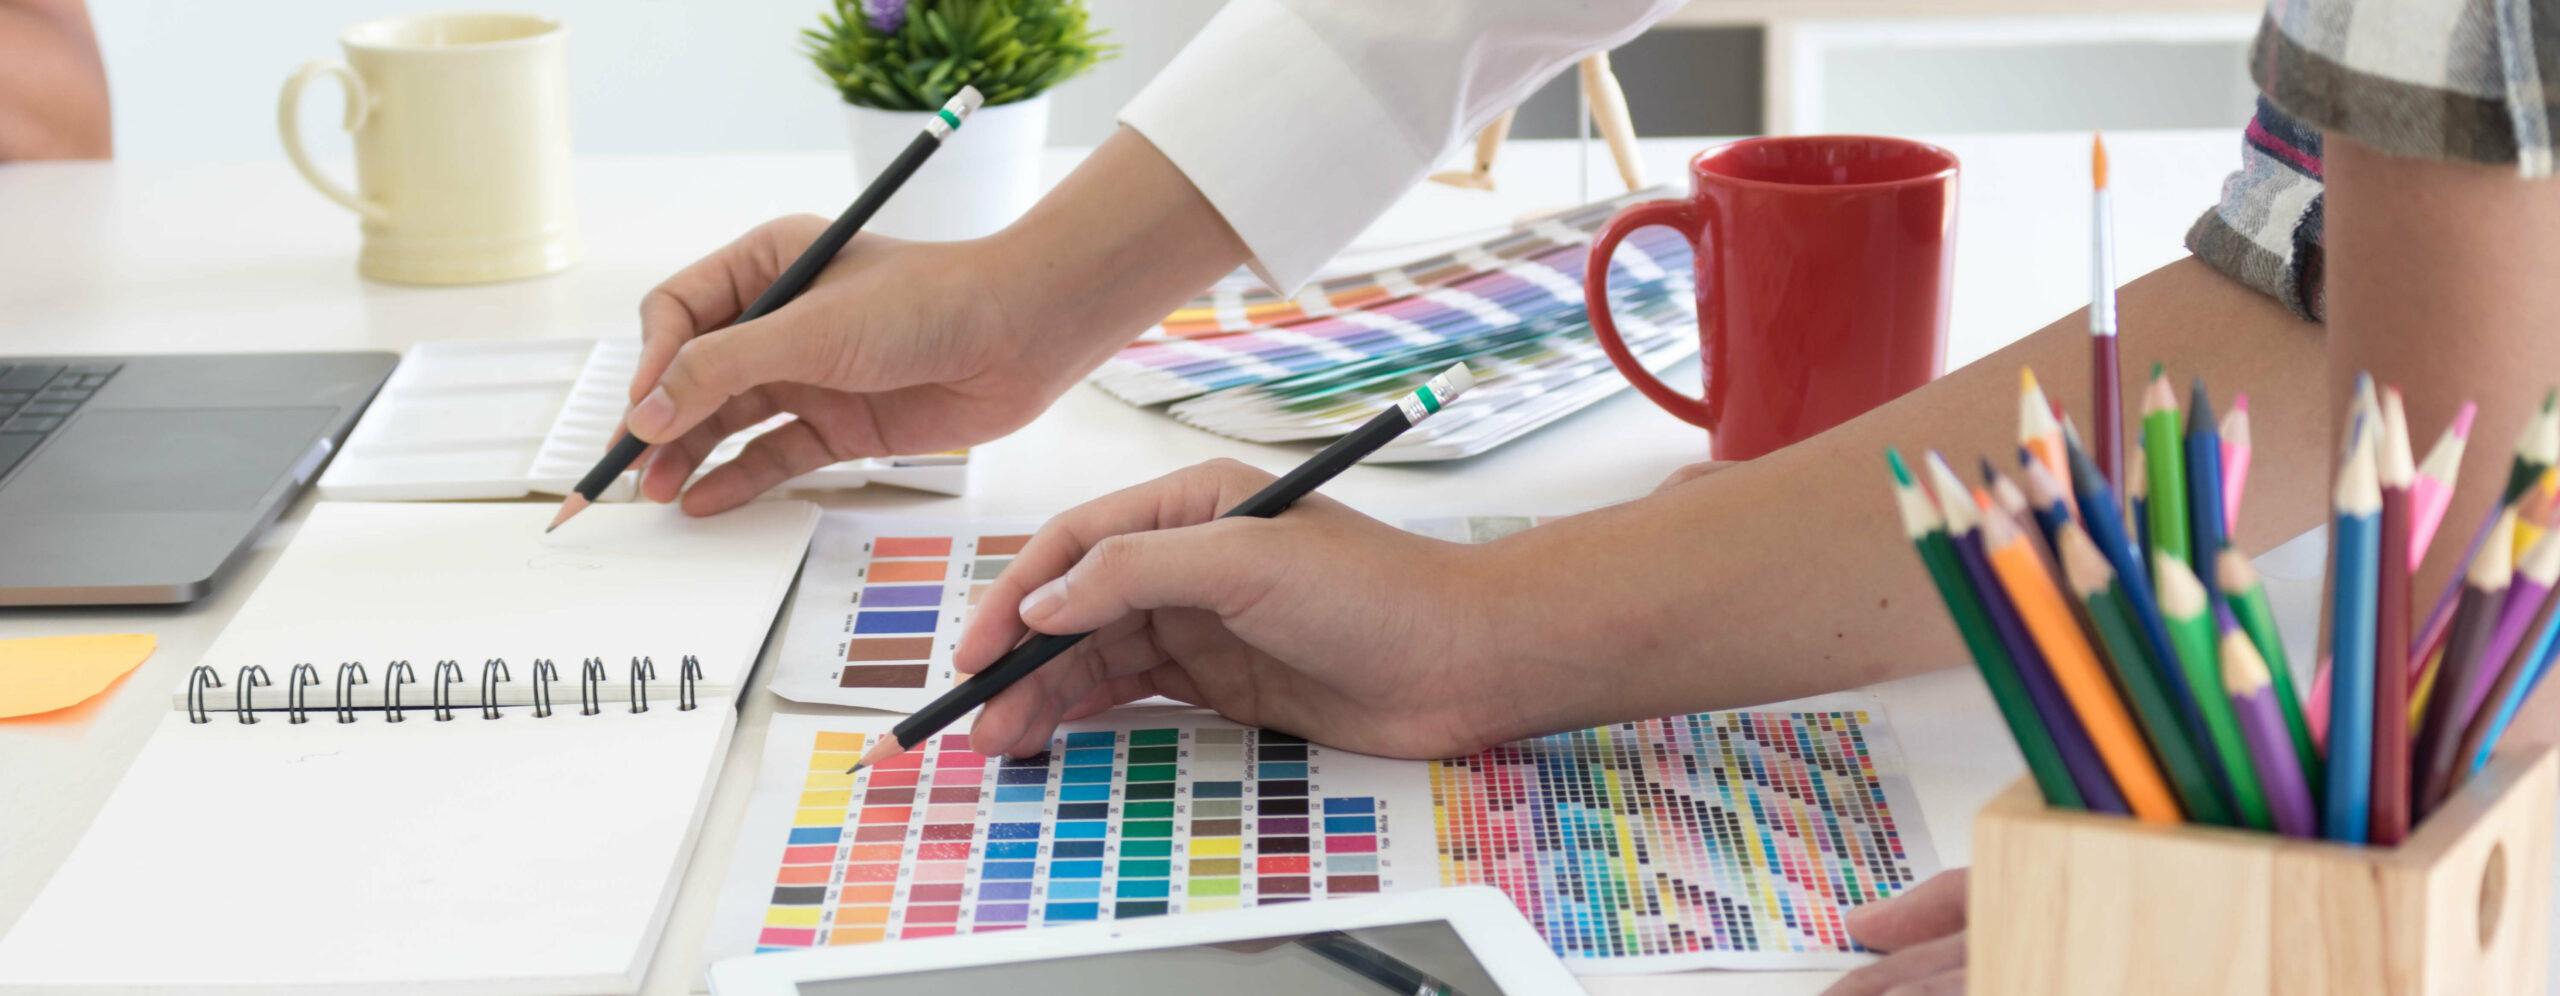 Zwei Personen arbeiten mit Farbpaletten